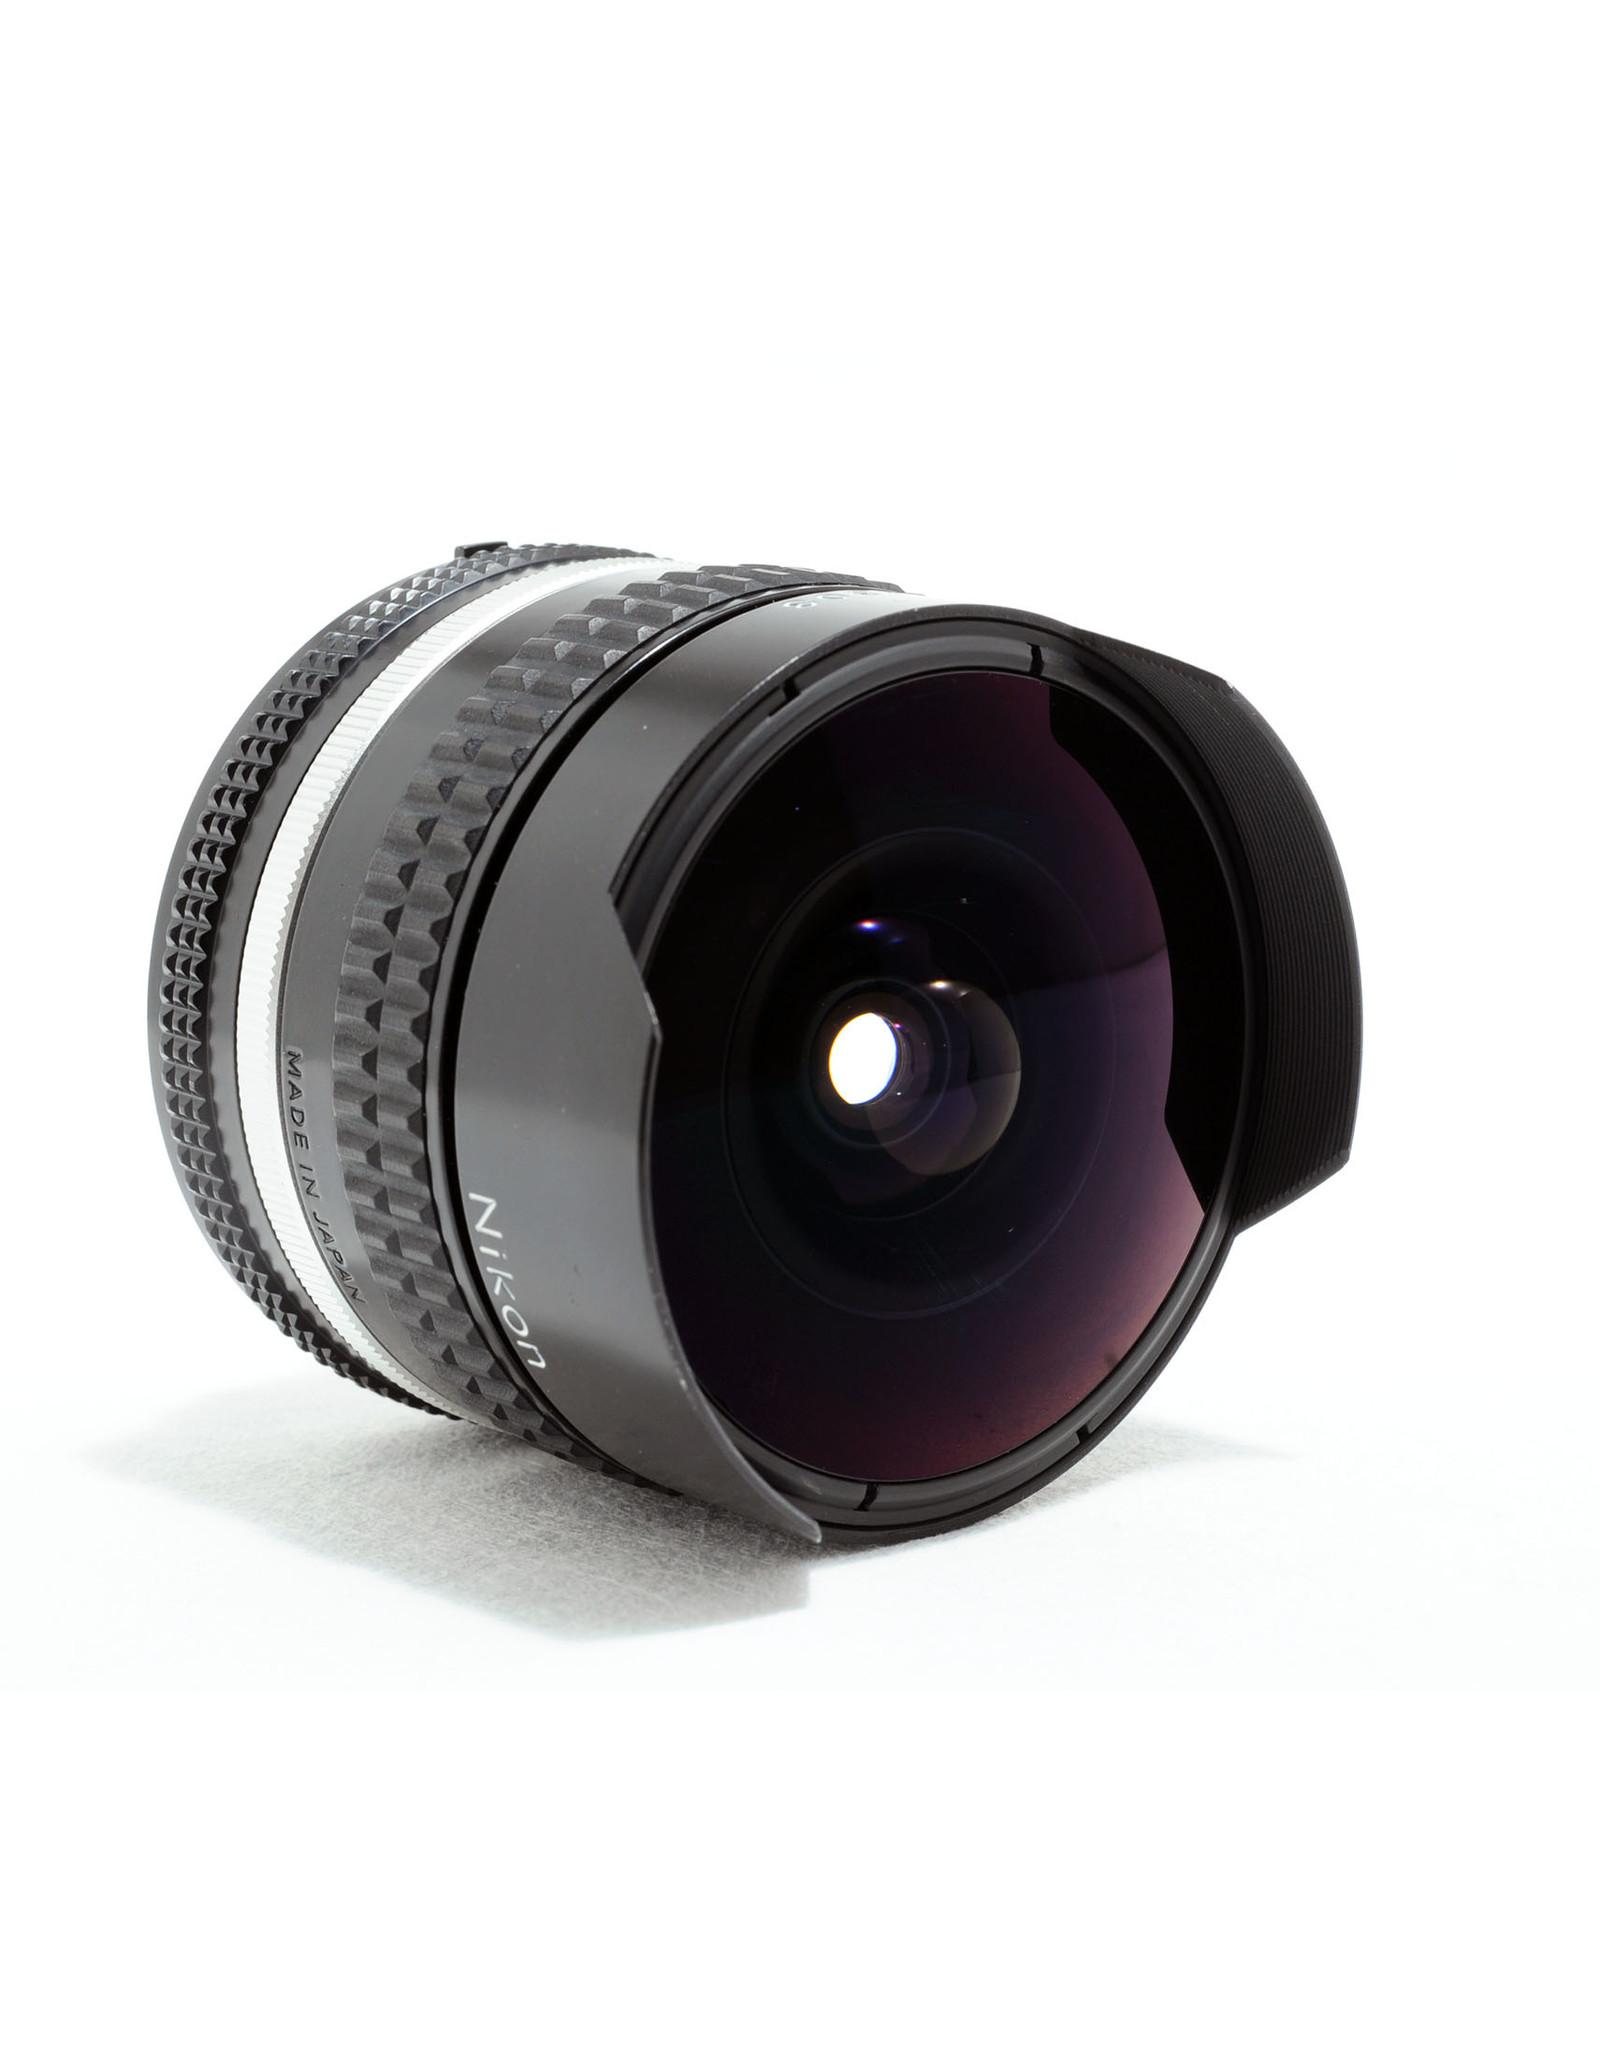 Nikon Nikon 16mm f2.8 AIS Fisheye